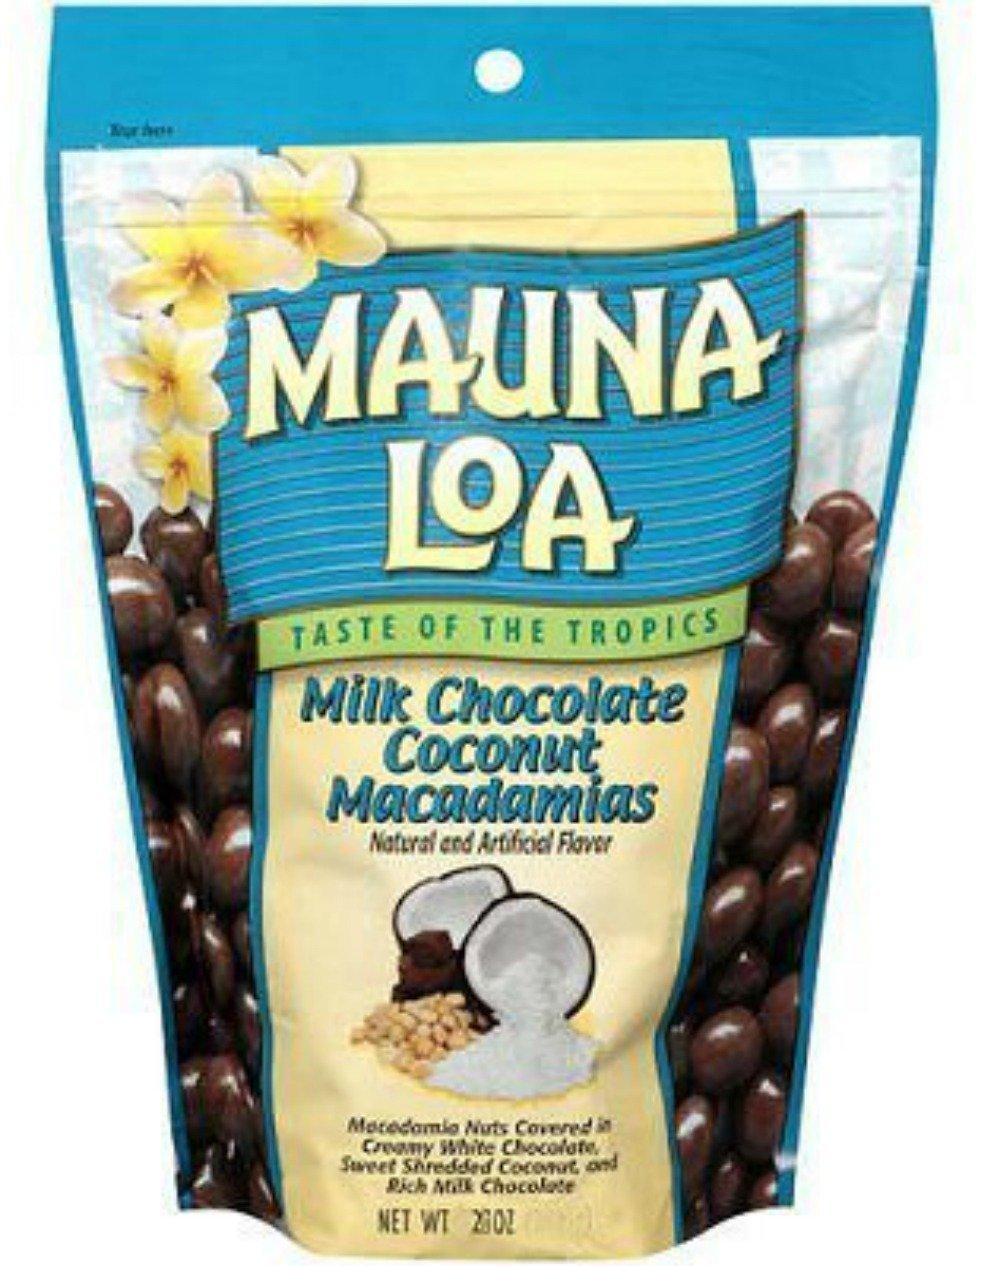 Mauna Loa Macadamias, Milk Chocolate Coconut, 28-Ounce Packages by Mauna Loa